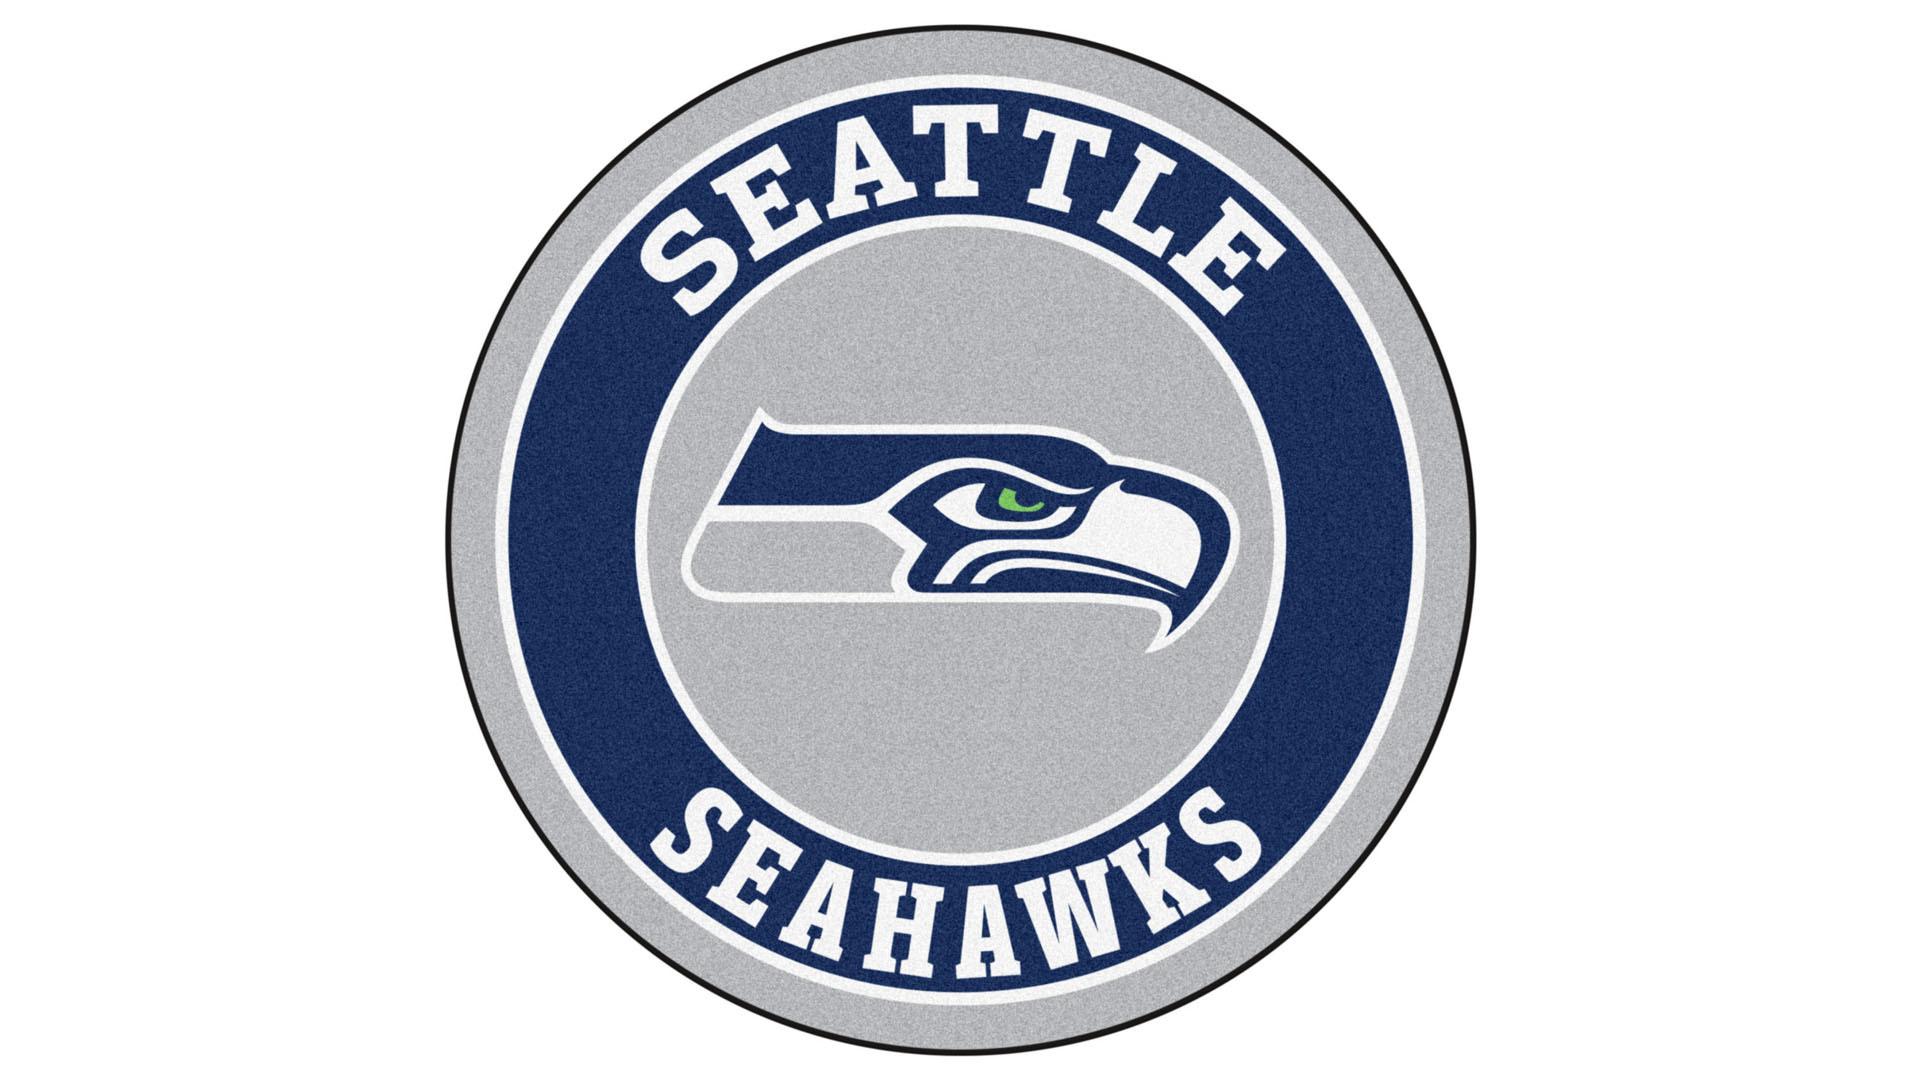 Seattle Seahawks Full Hd